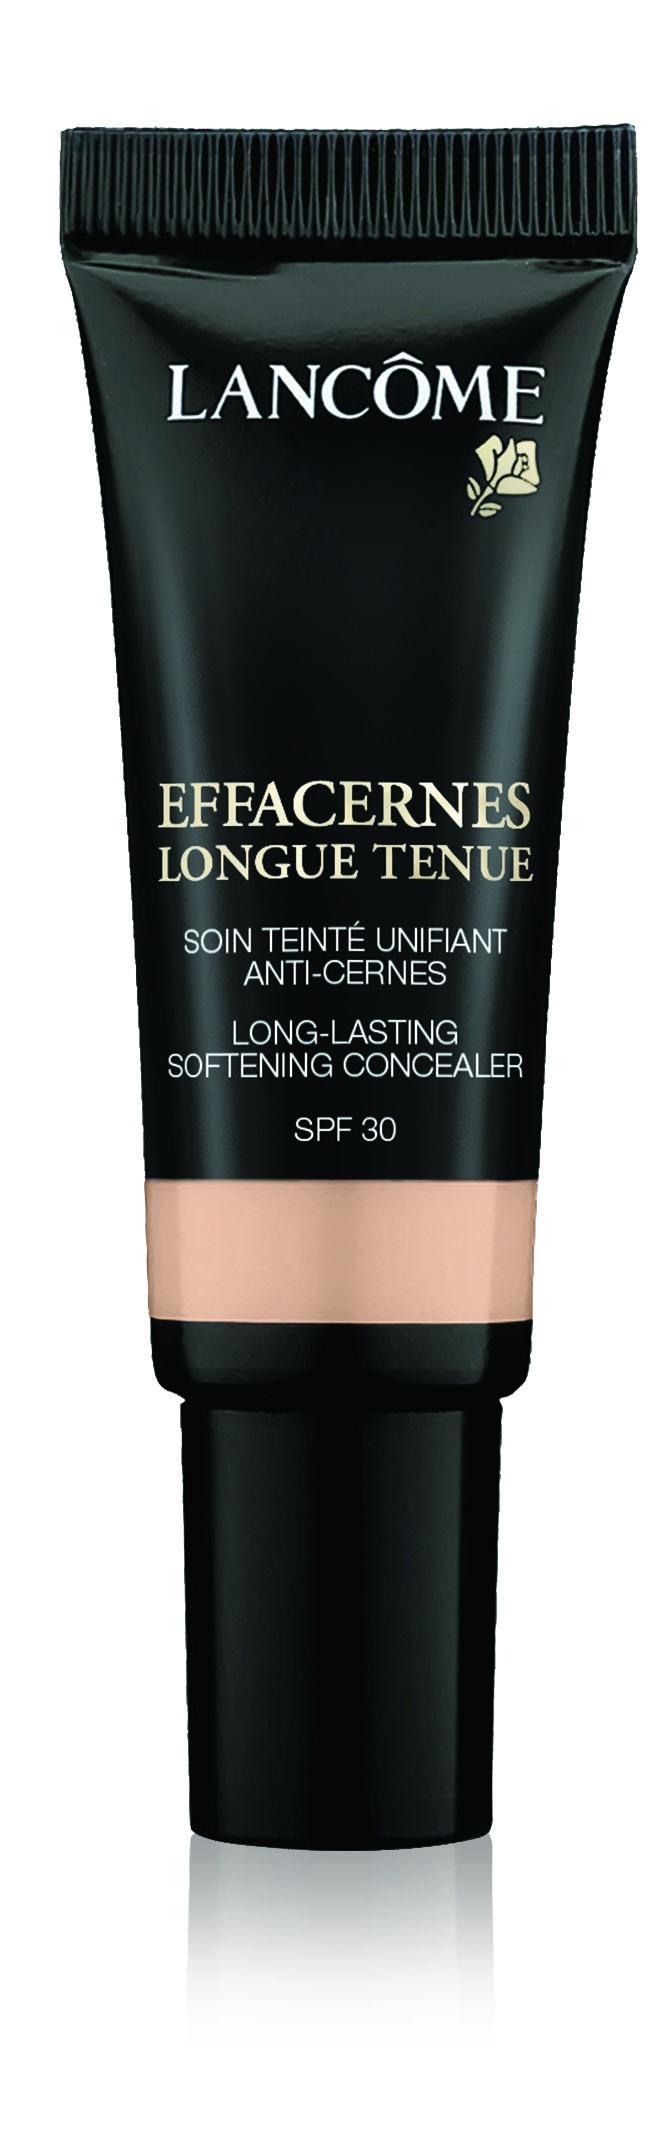 Lancôme Effacernes Long-Lasting Softening Concealer SPF30, 01 beige pastel